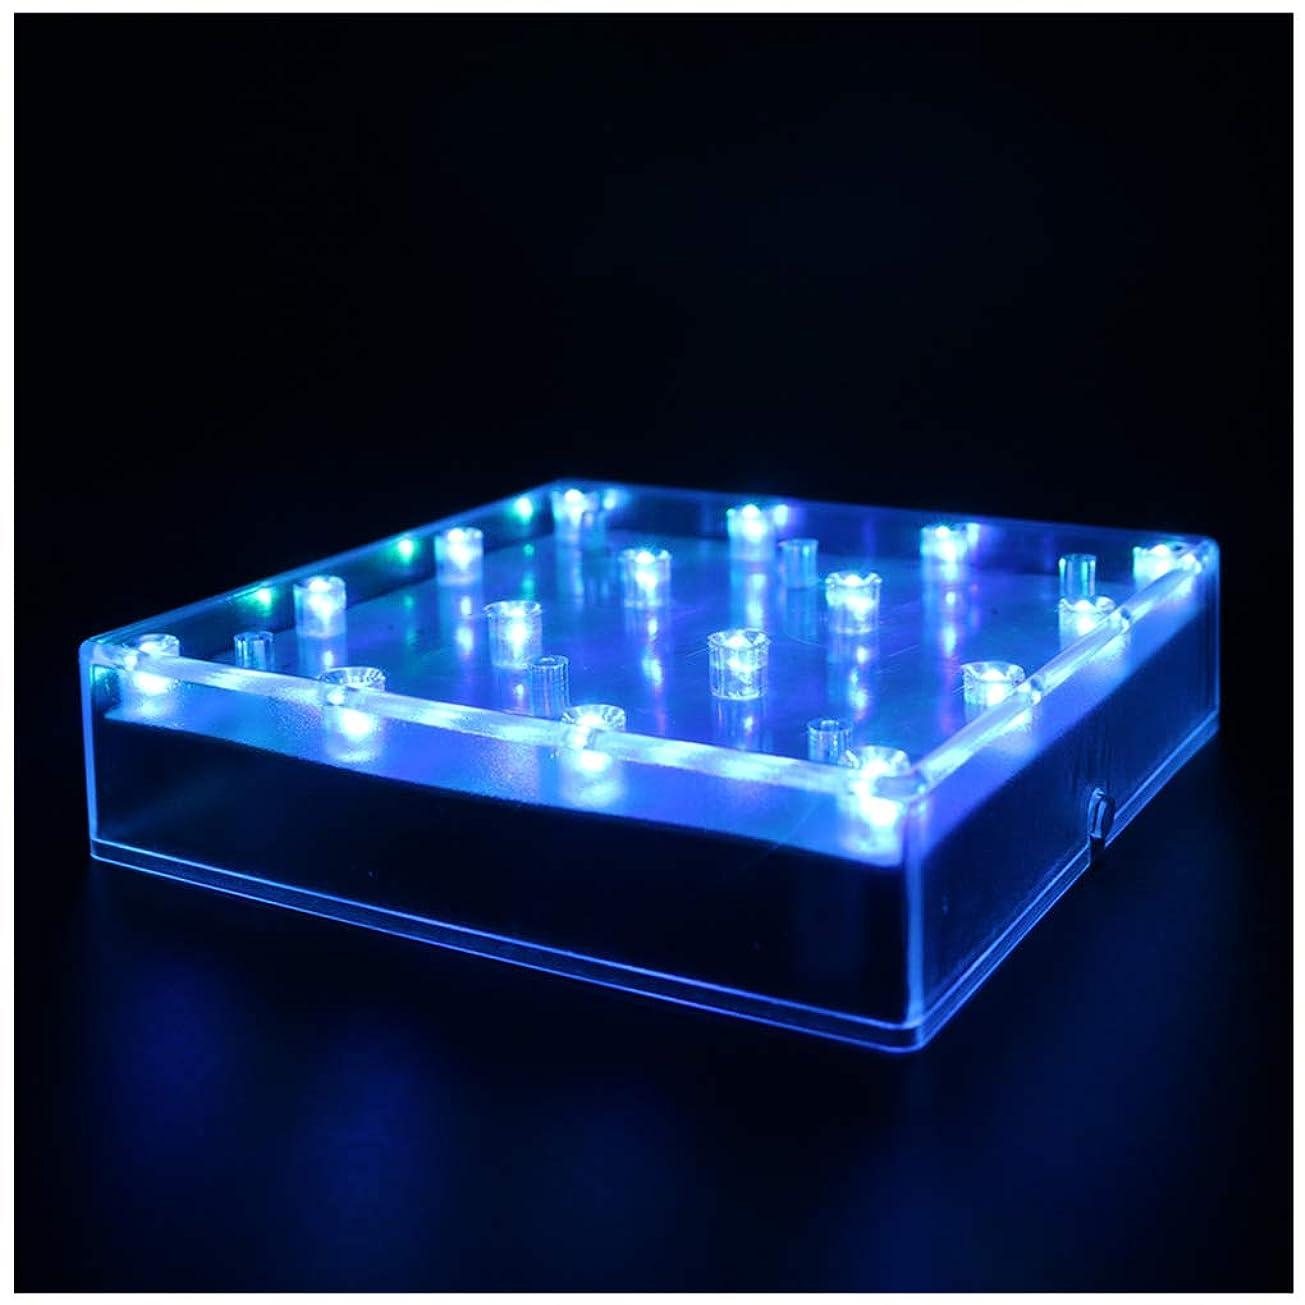 経験的無一文創始者ARDUX 基準光の花瓶の基部5平方インチ16 LEDバッテリータイプ、結婚式テーブル目玉照明の装飾花瓶(1個、マルチカラー) 1個入 マルチカラー